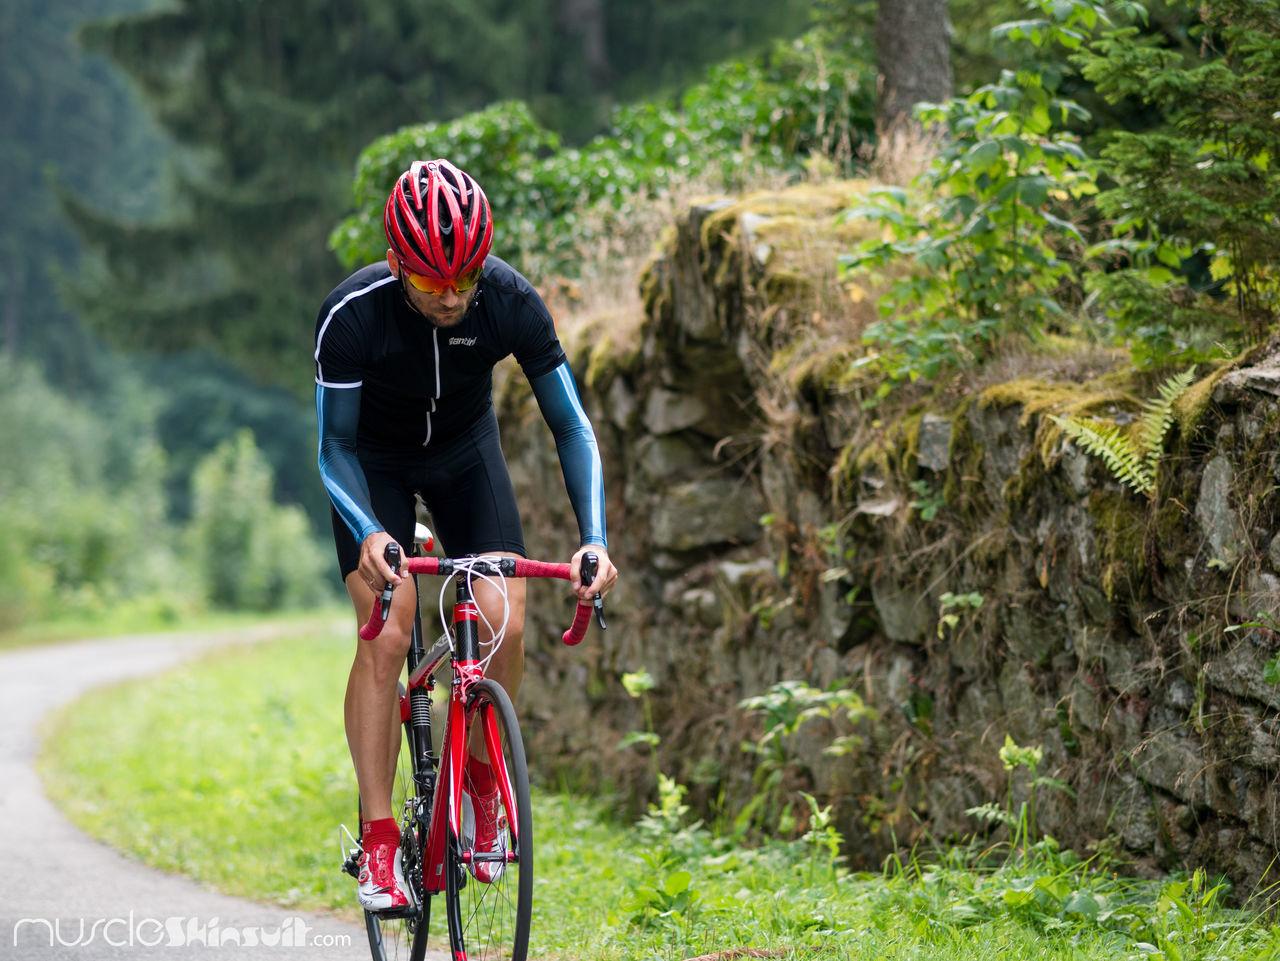 arm warmers Arm Warmers Armwarmer Bones Cycling Cyclingapp Cyclingkit Cyclingpor Helmet Kicks S-Works Sal Special Specjalized Speed Sworks UVERworld Uvexhelmet Warmer White